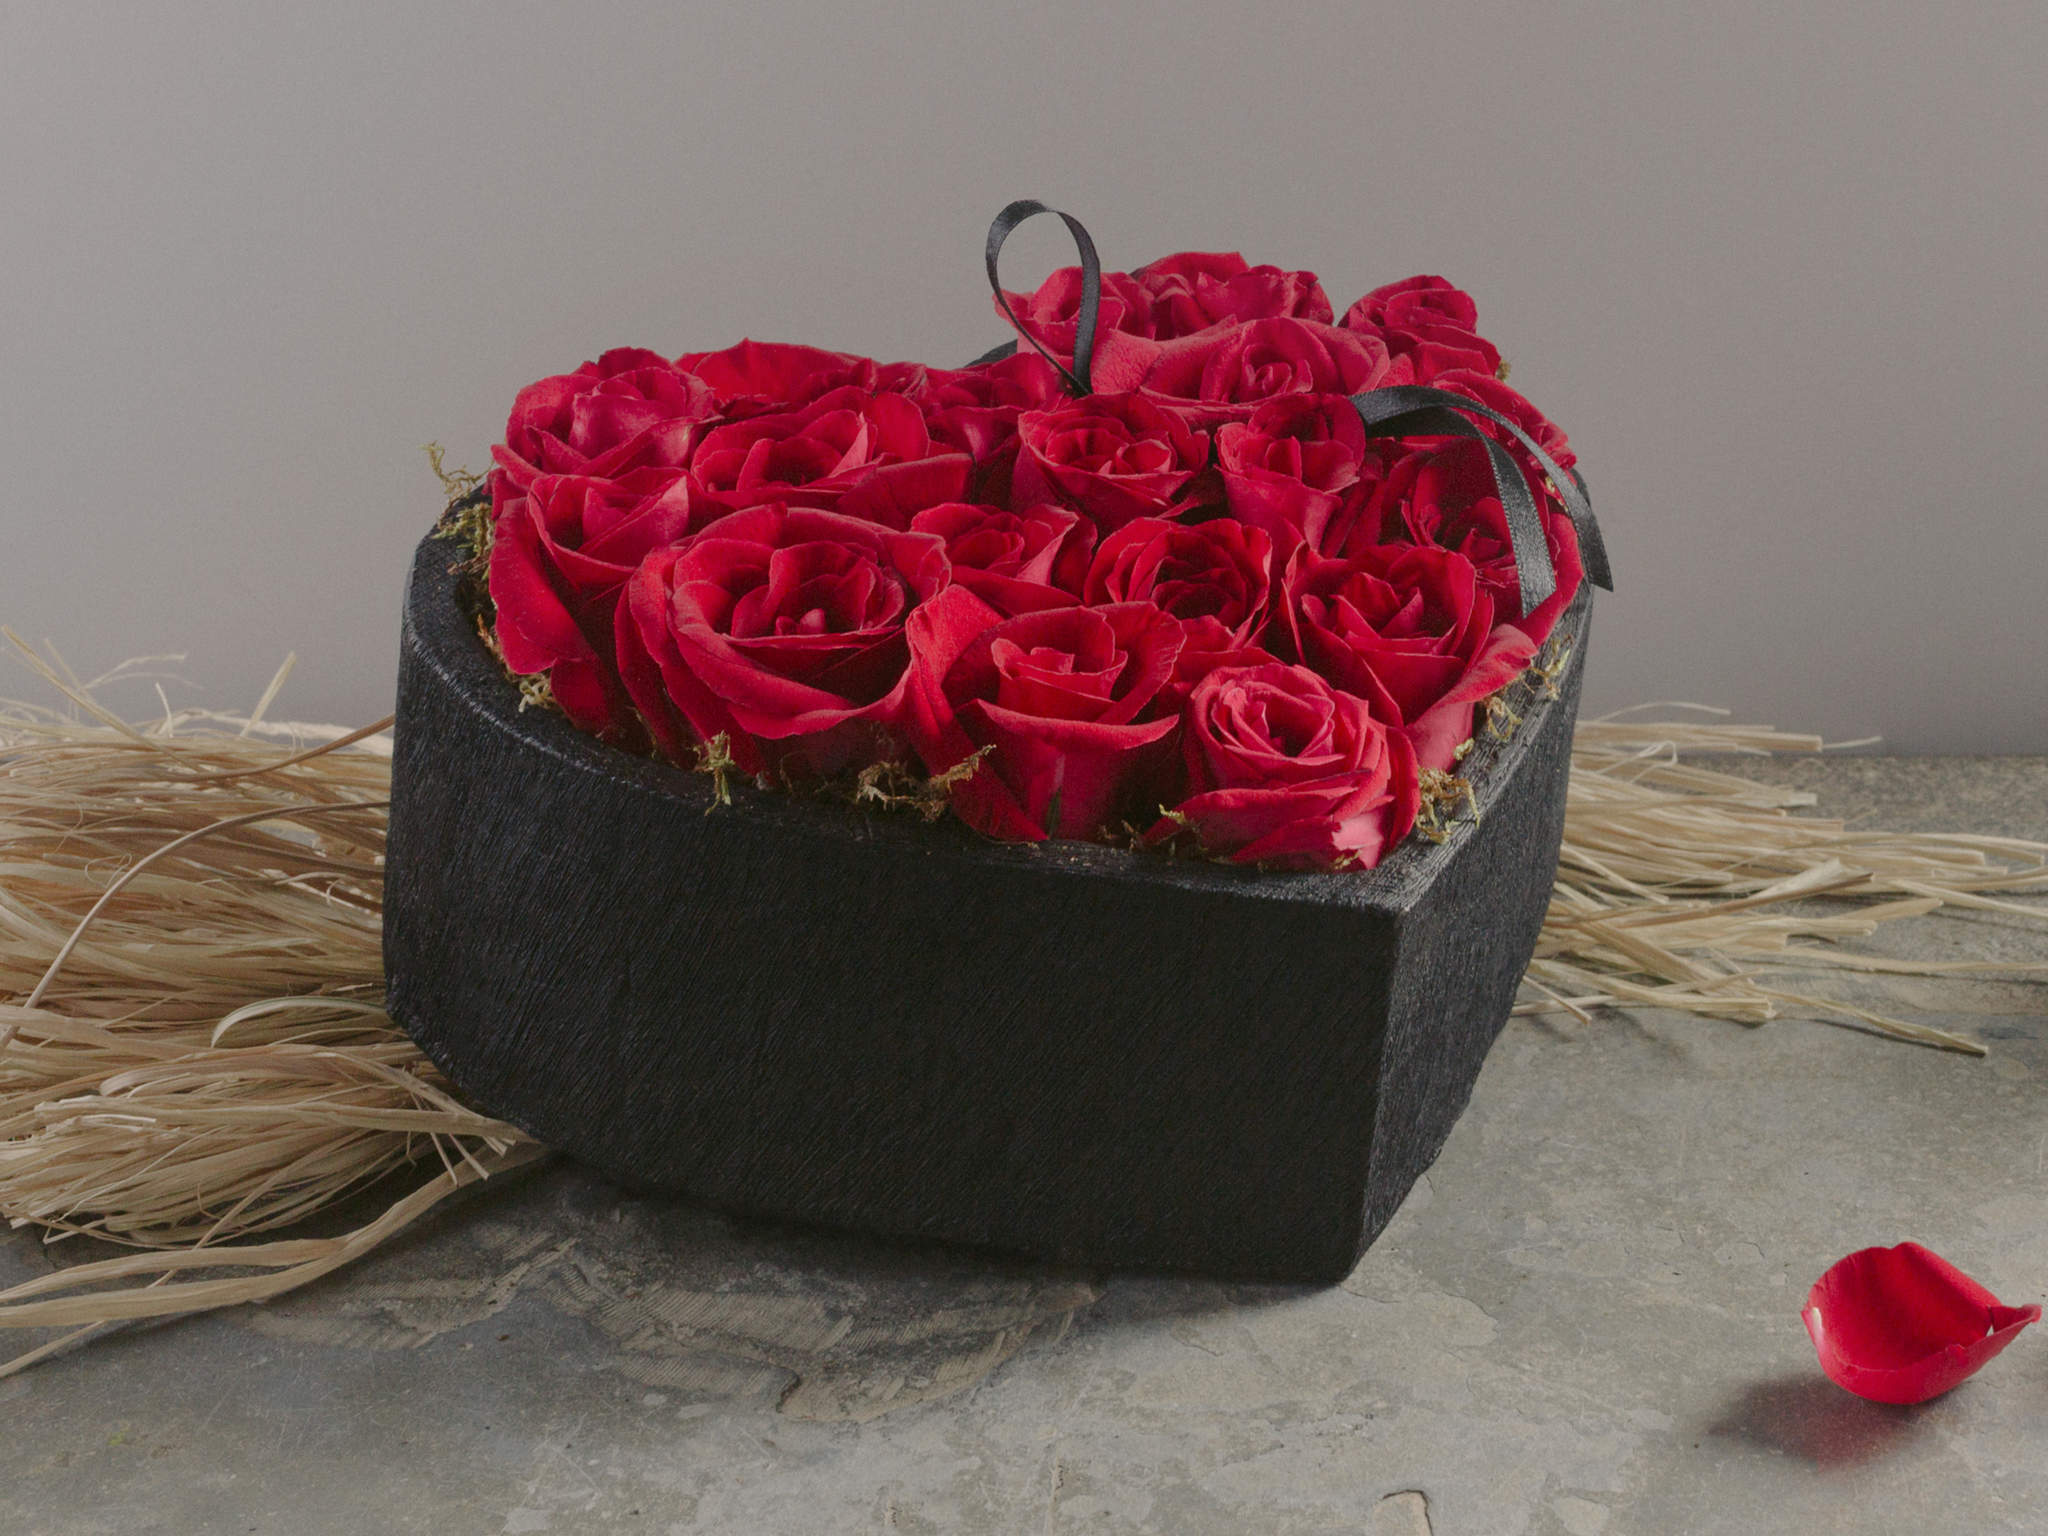 Arranjo de Rosas Vermelhas em Formato de Coração